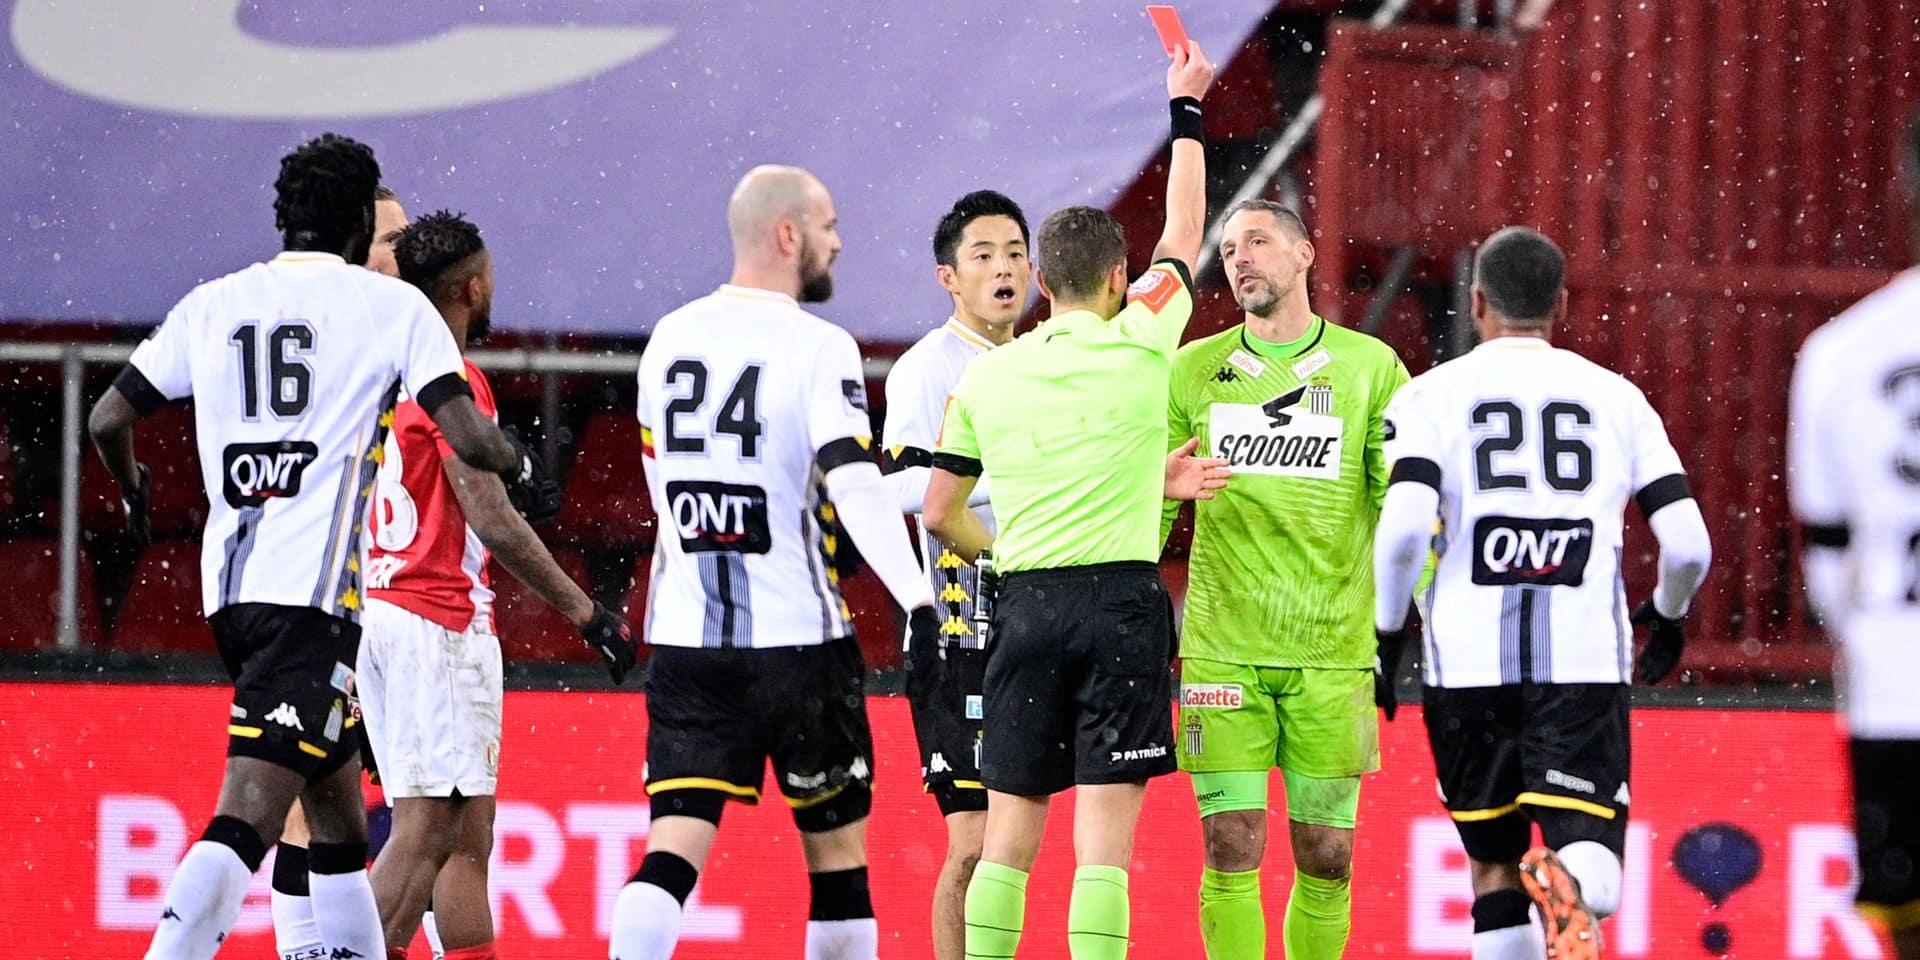 Standard - Charleroi en stats : une première réussie pour Botaka, un match compliqué pour Penneteau